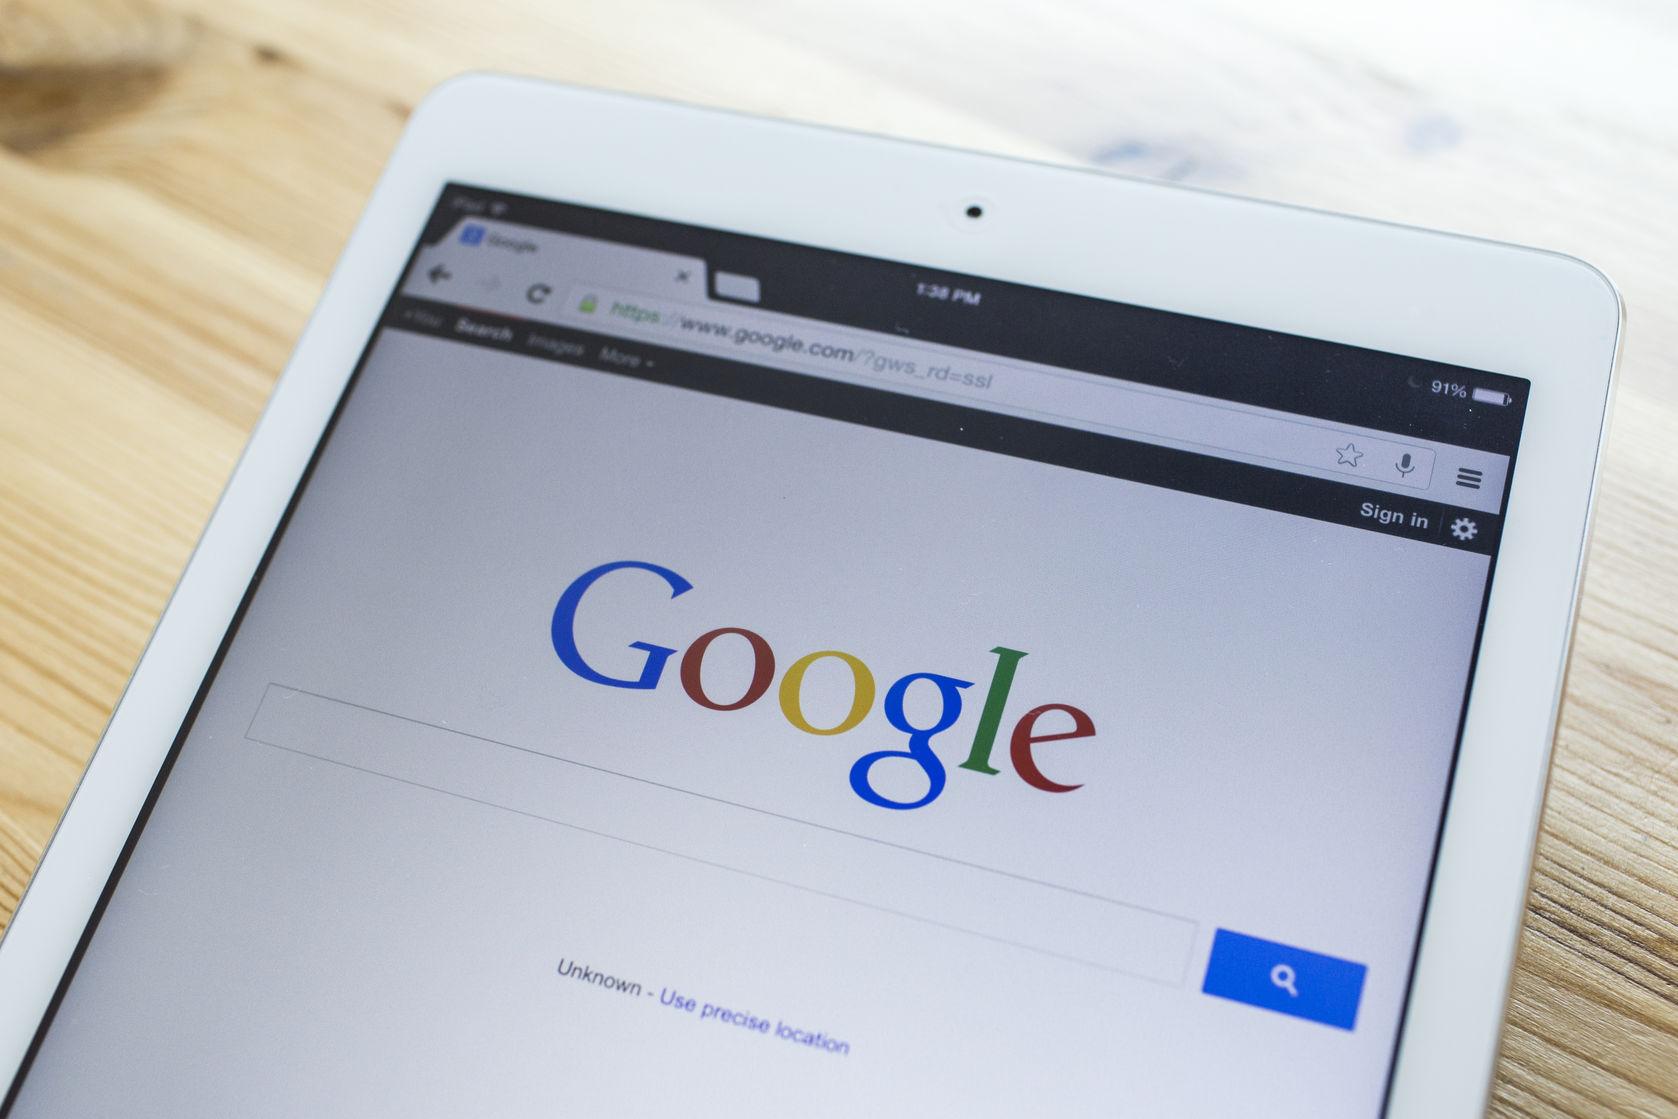 32165898_ml Najważniejsze parametry Google Adwords - jak je odczytywać?